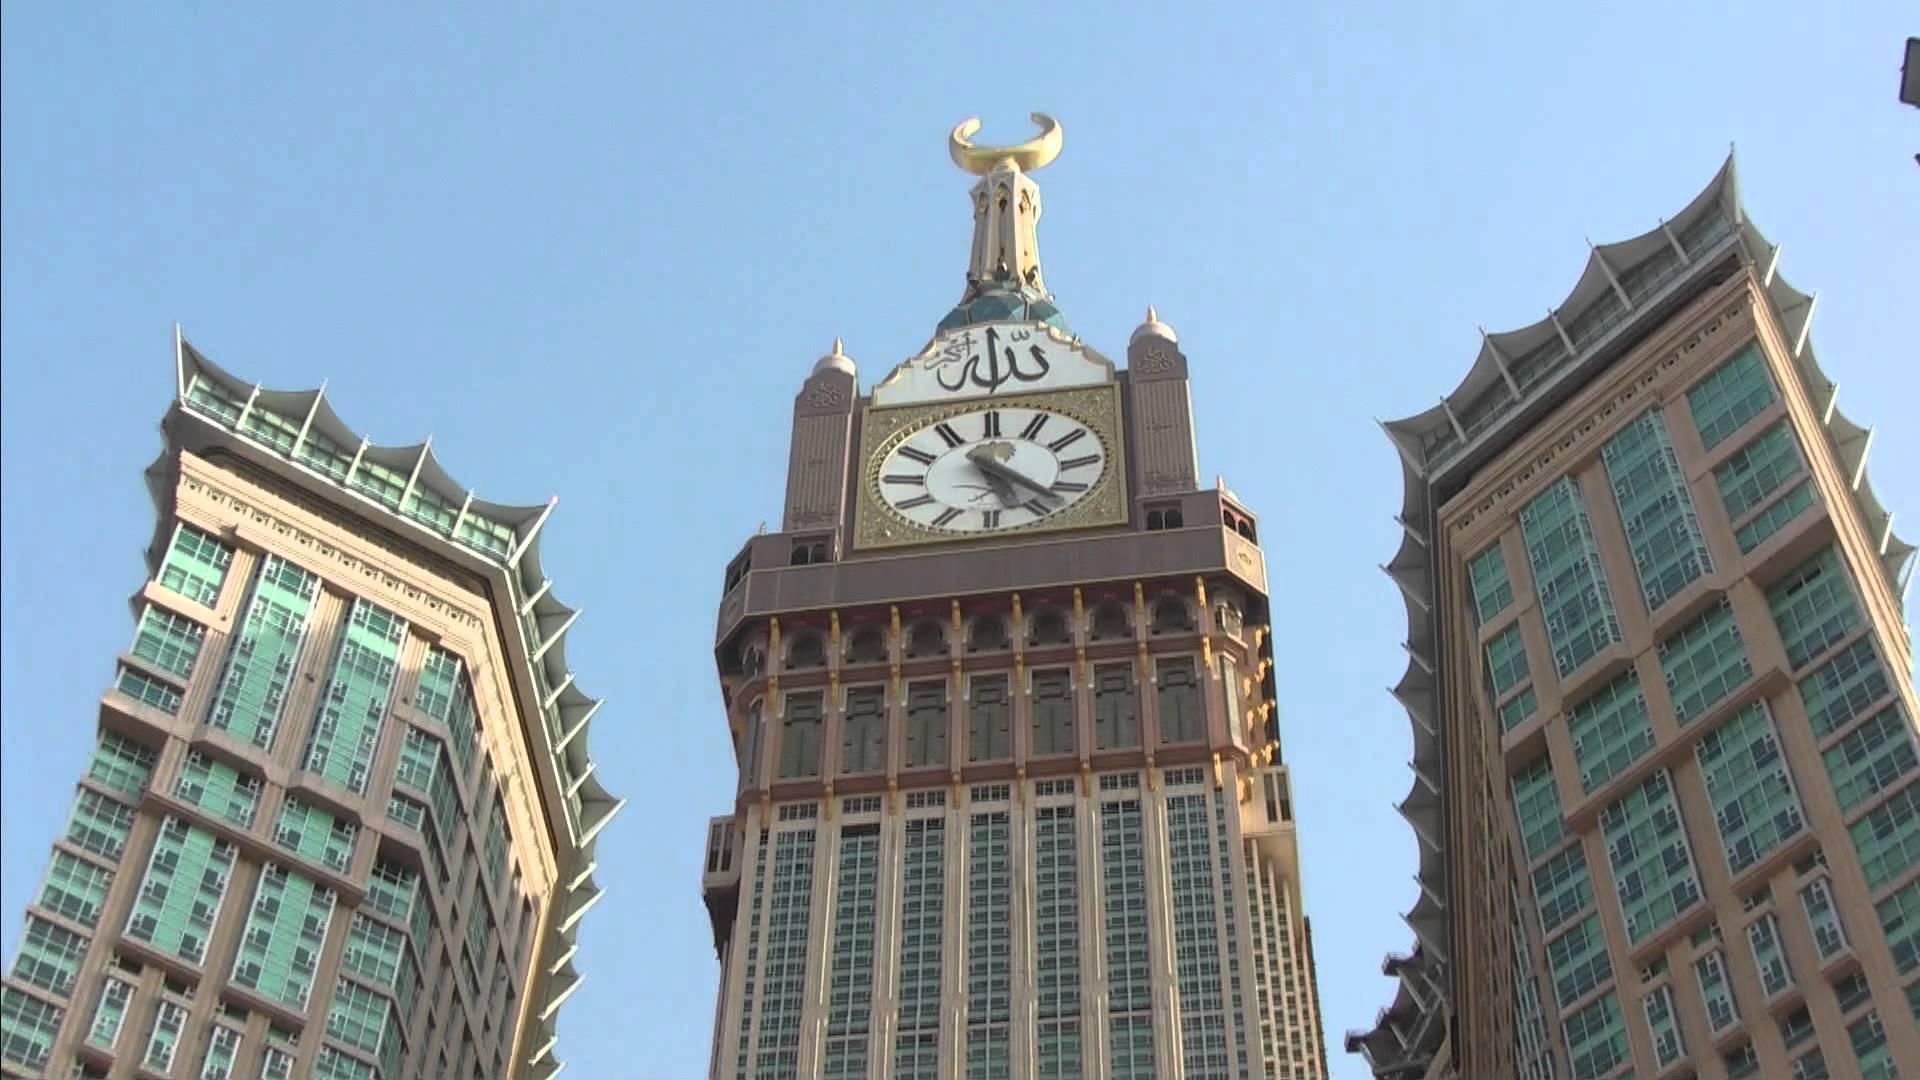 أفضل عروض فنادق الحرم الشريف خلال شهر رمضان مجلة الرجل